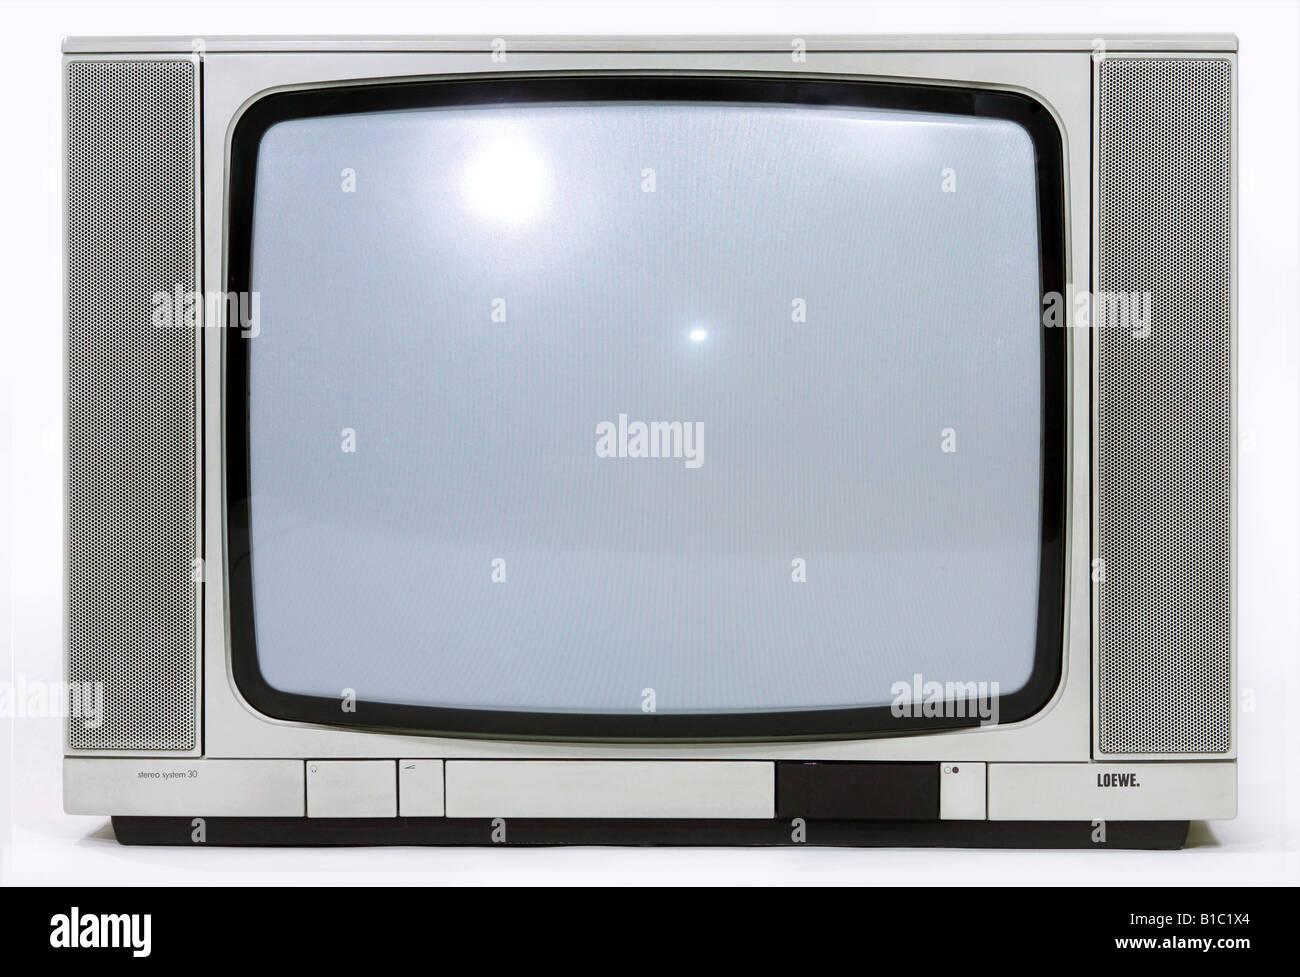 La télévision, radiodiffusion, télévision, d'un système stéréo Loewe typ Photo Stock